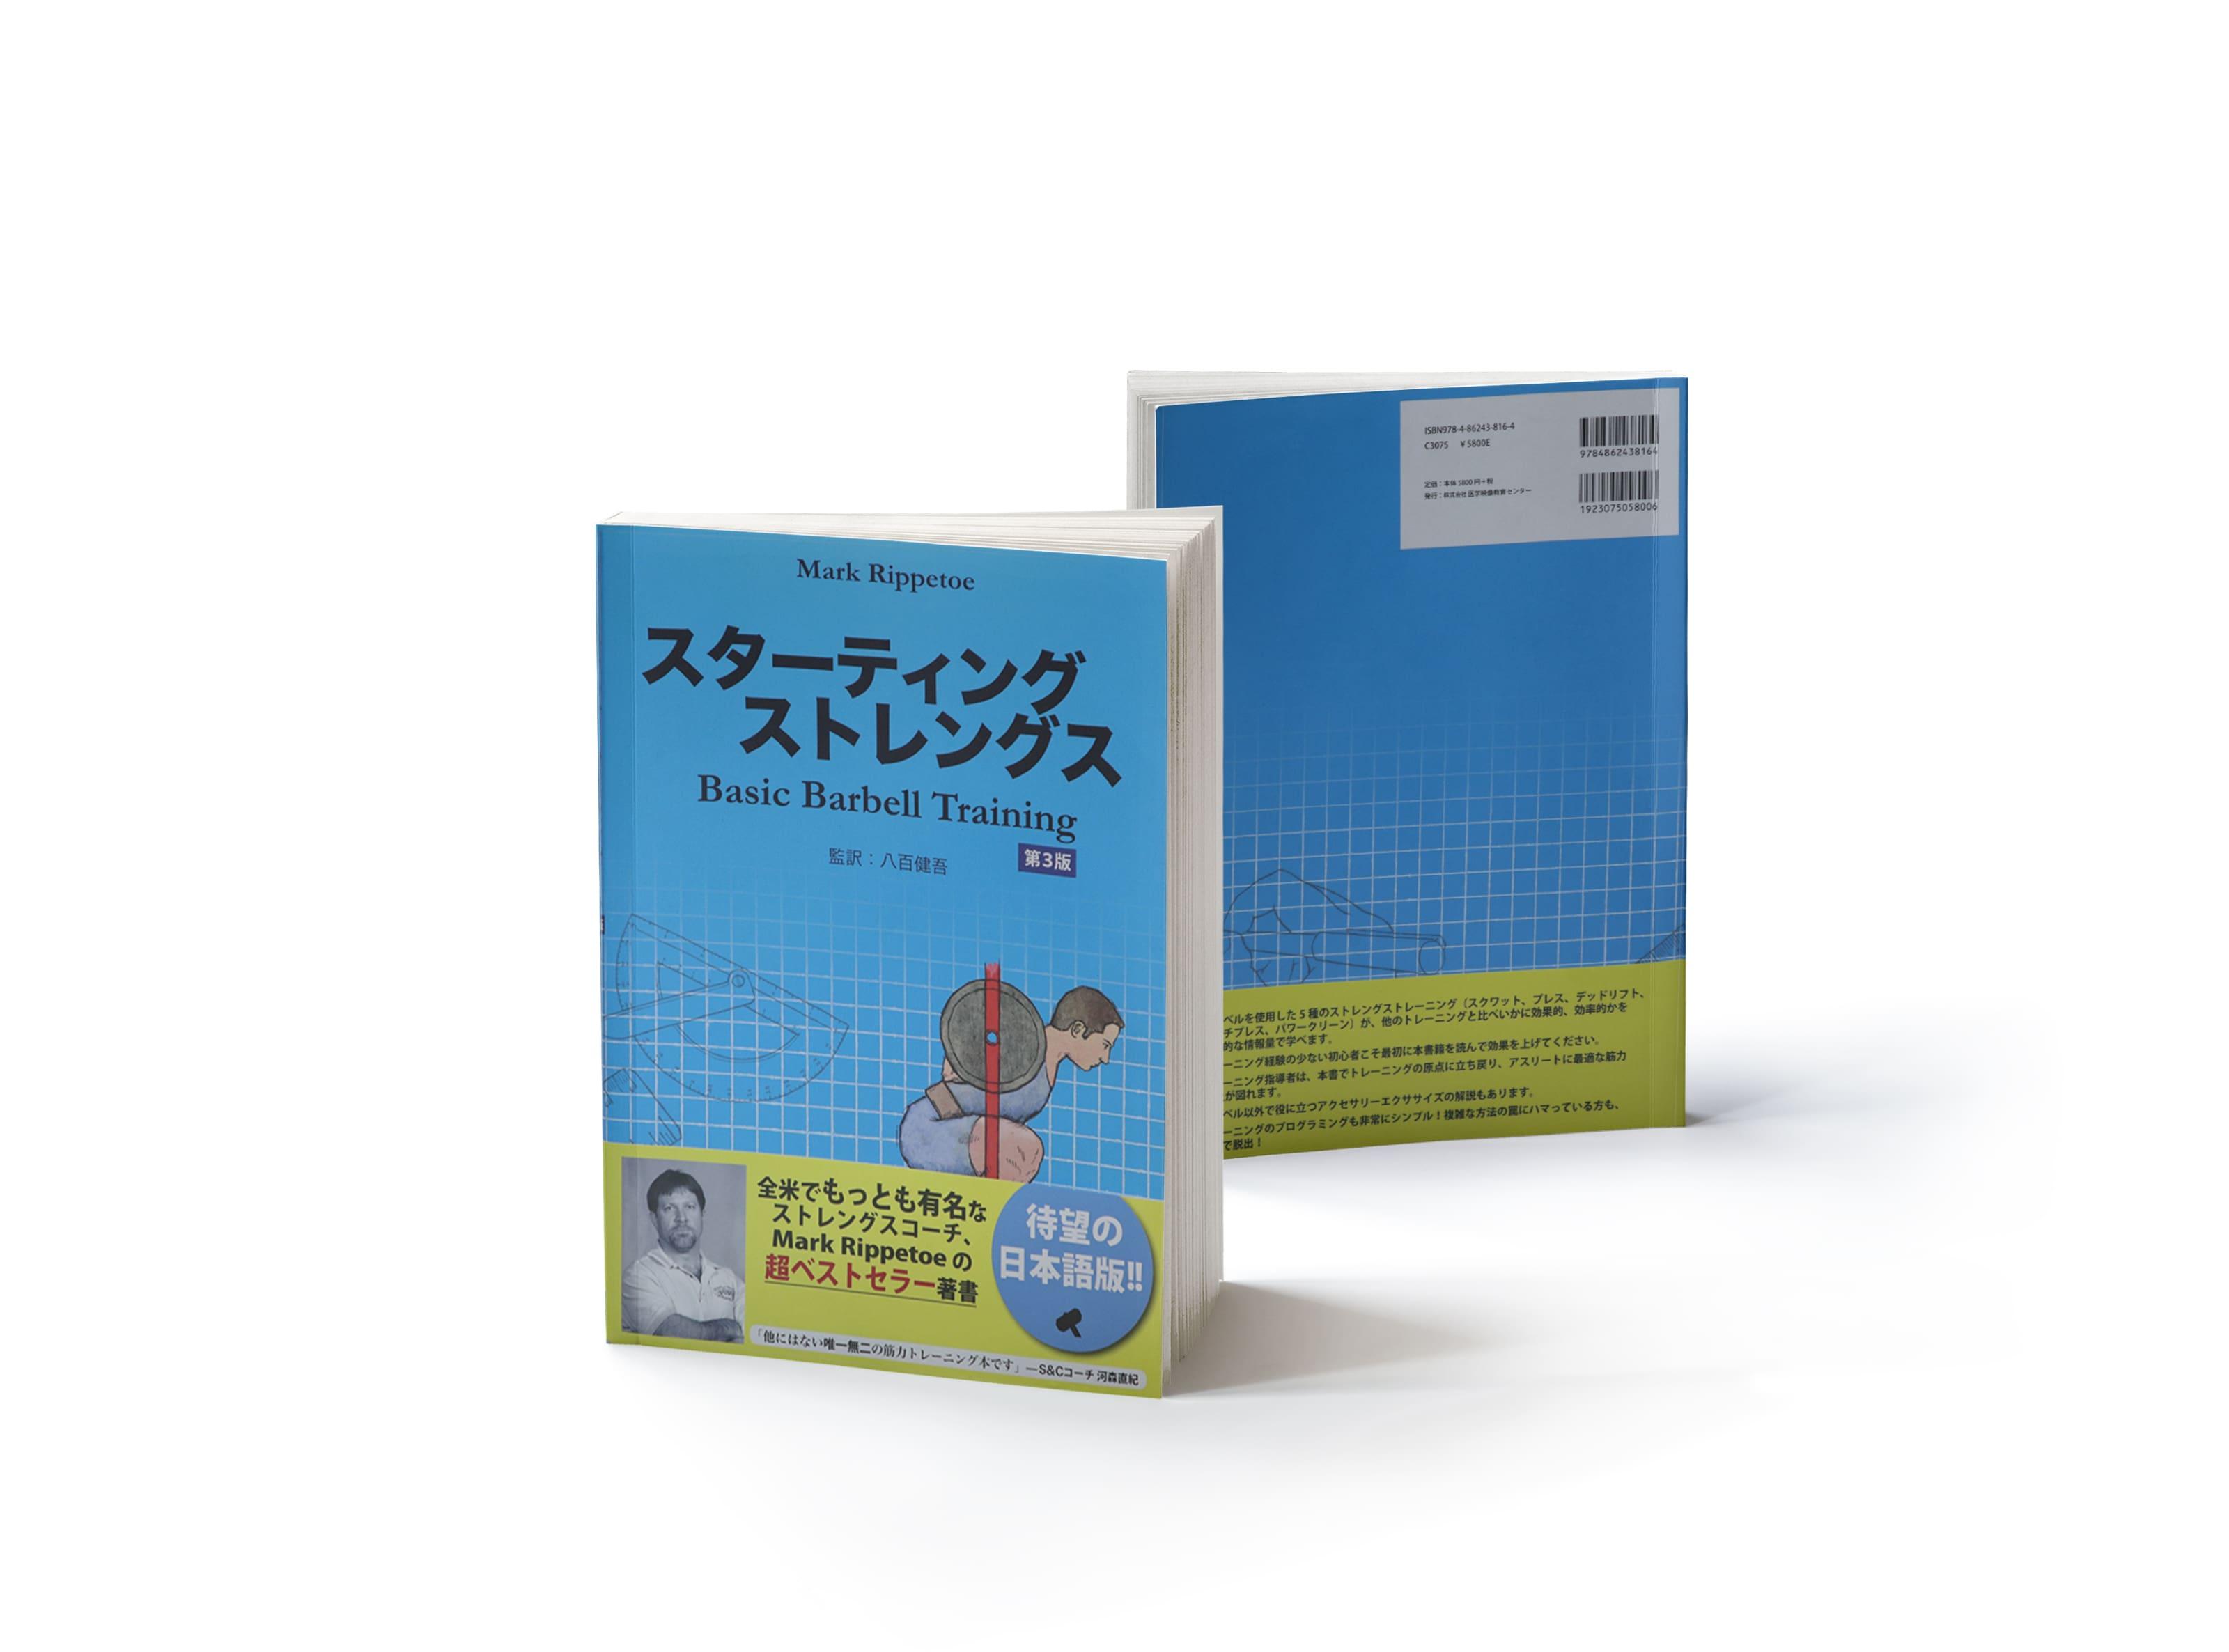 スターティングストレングス日本語版モックアップ